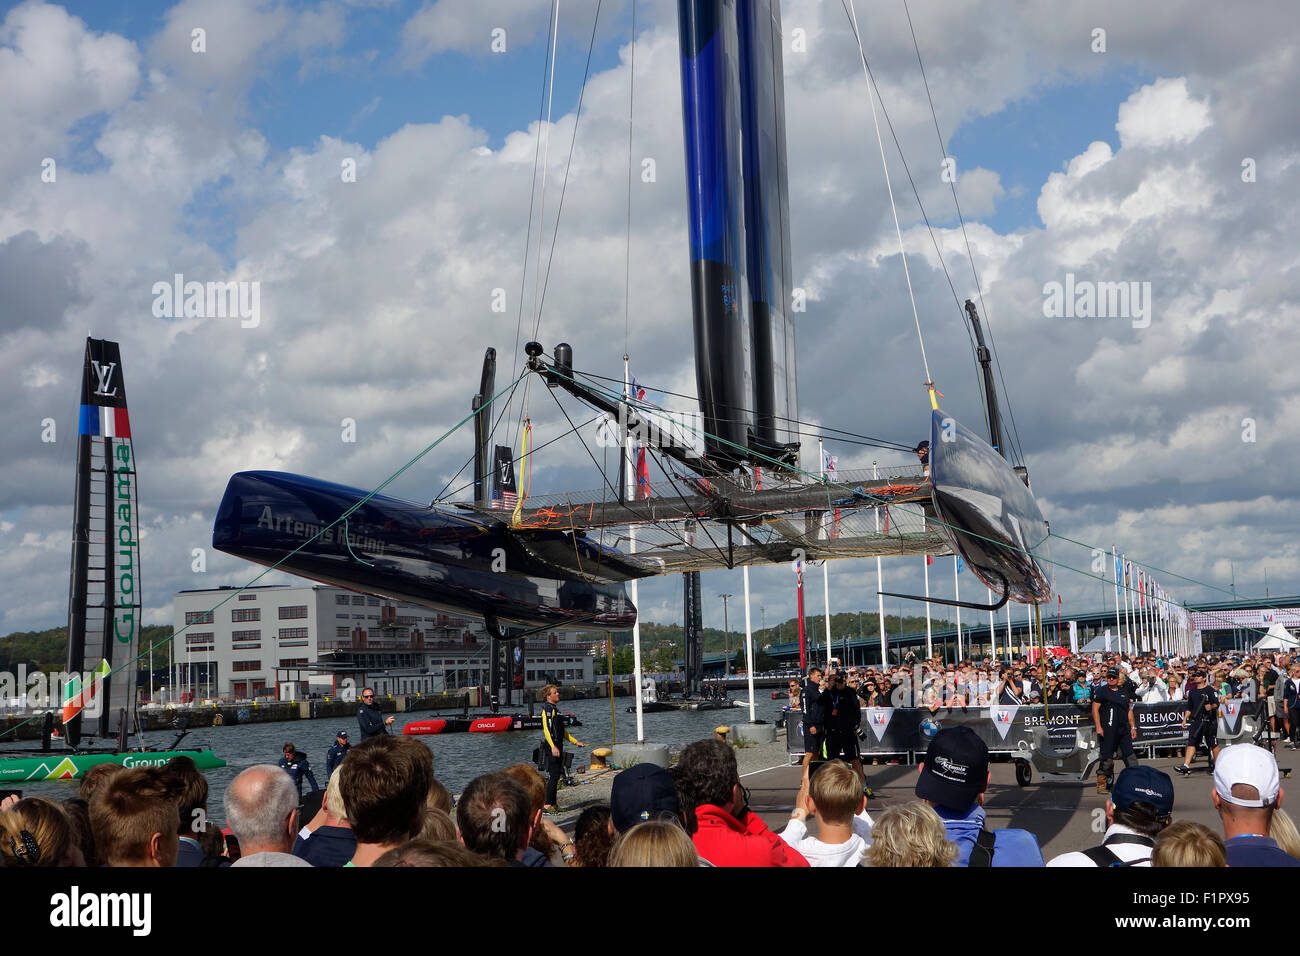 La gente se reúne y aprovechar la ocasión para ver sueco 72 America's Cup Class catamaran desde abajo Imagen De Stock